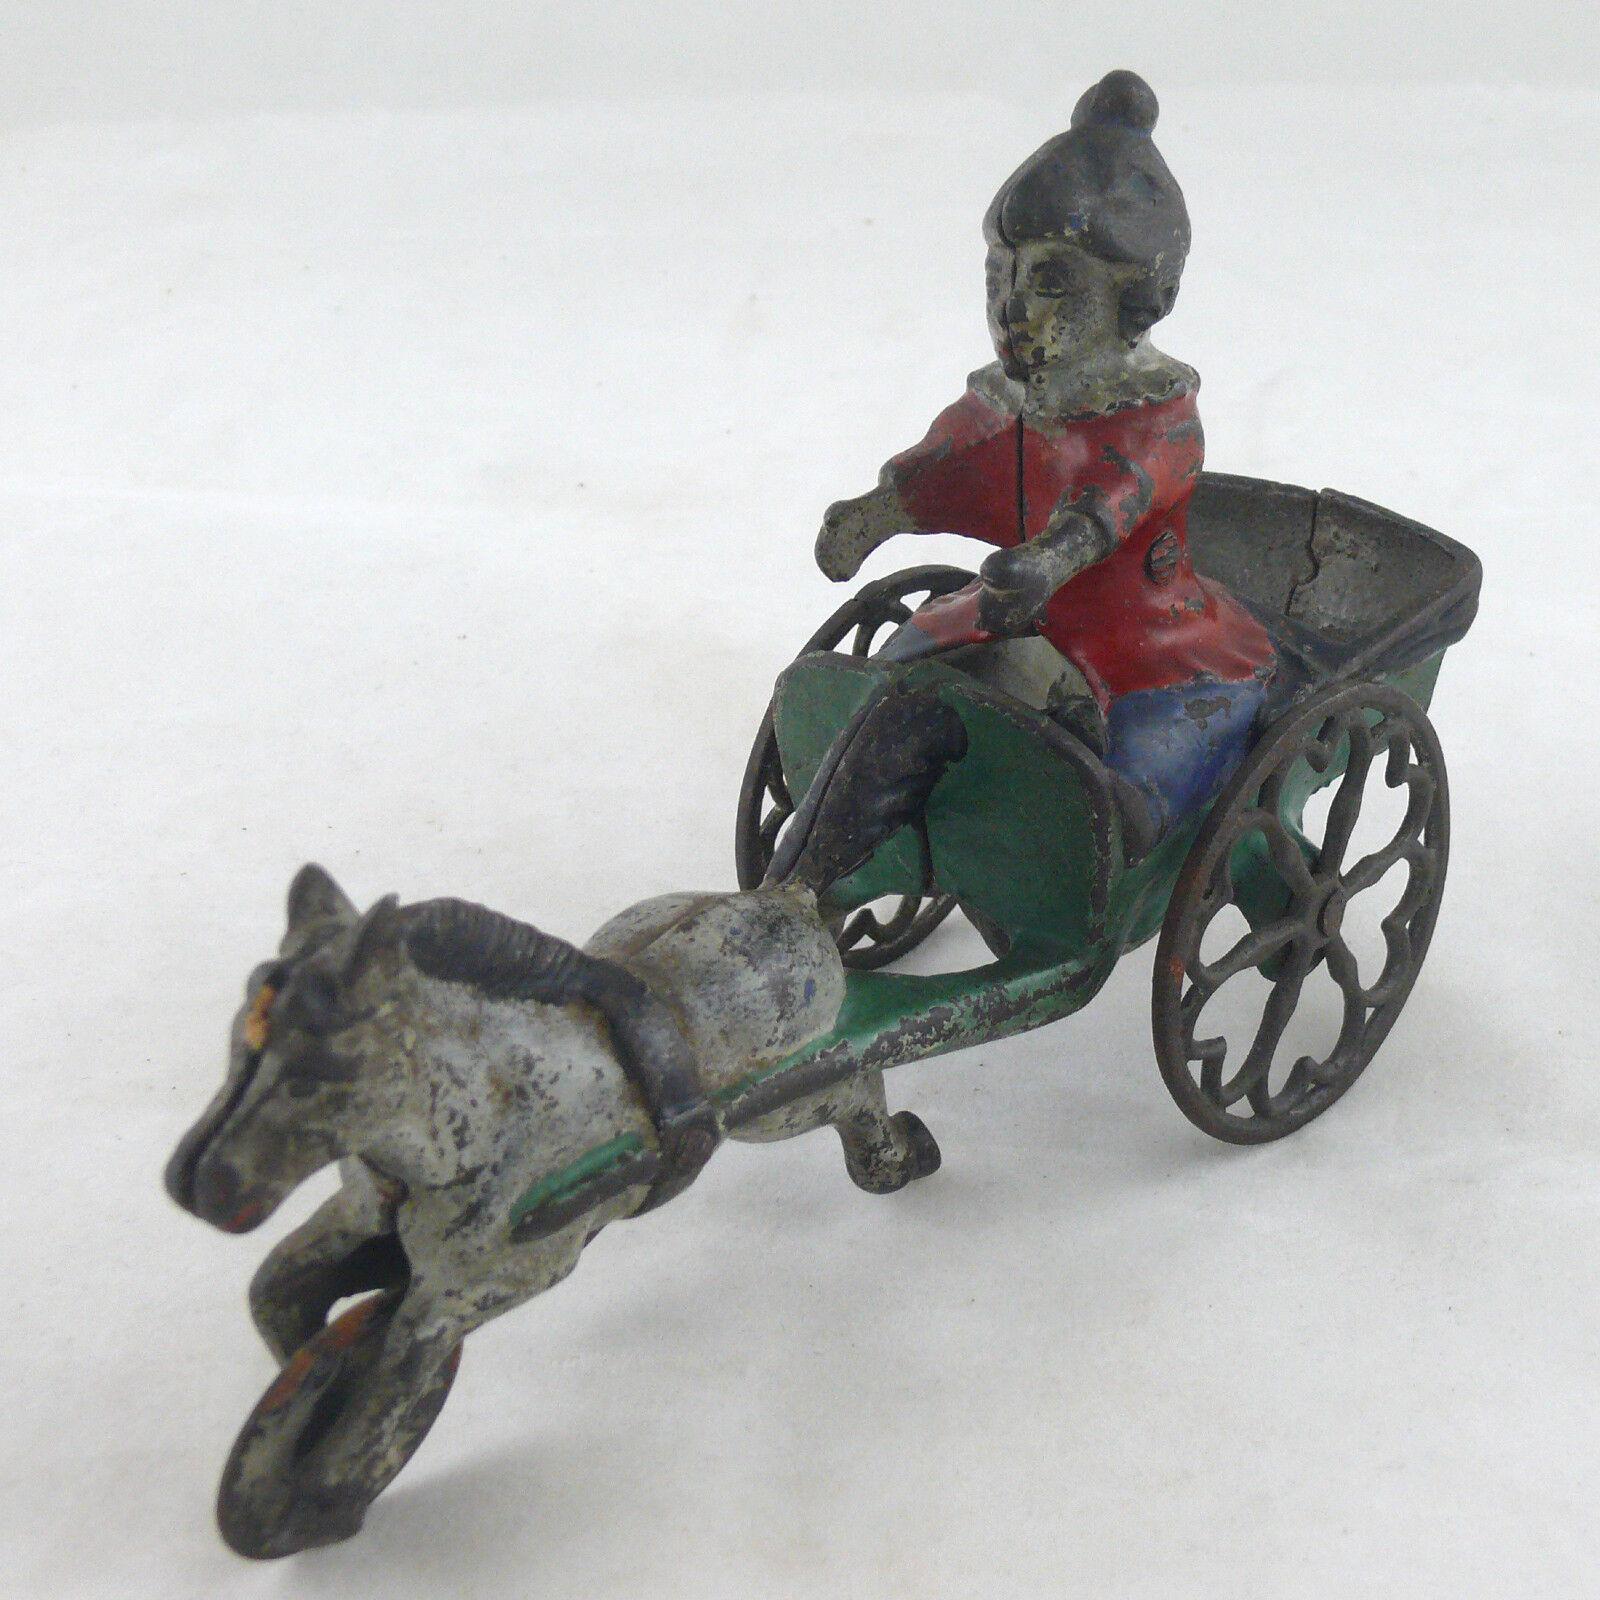 Aprox. 1895-1905 caballo tirando de Juguete de campana de hierro Enano De Payaso hecha por Gong campana Mfg. Co.